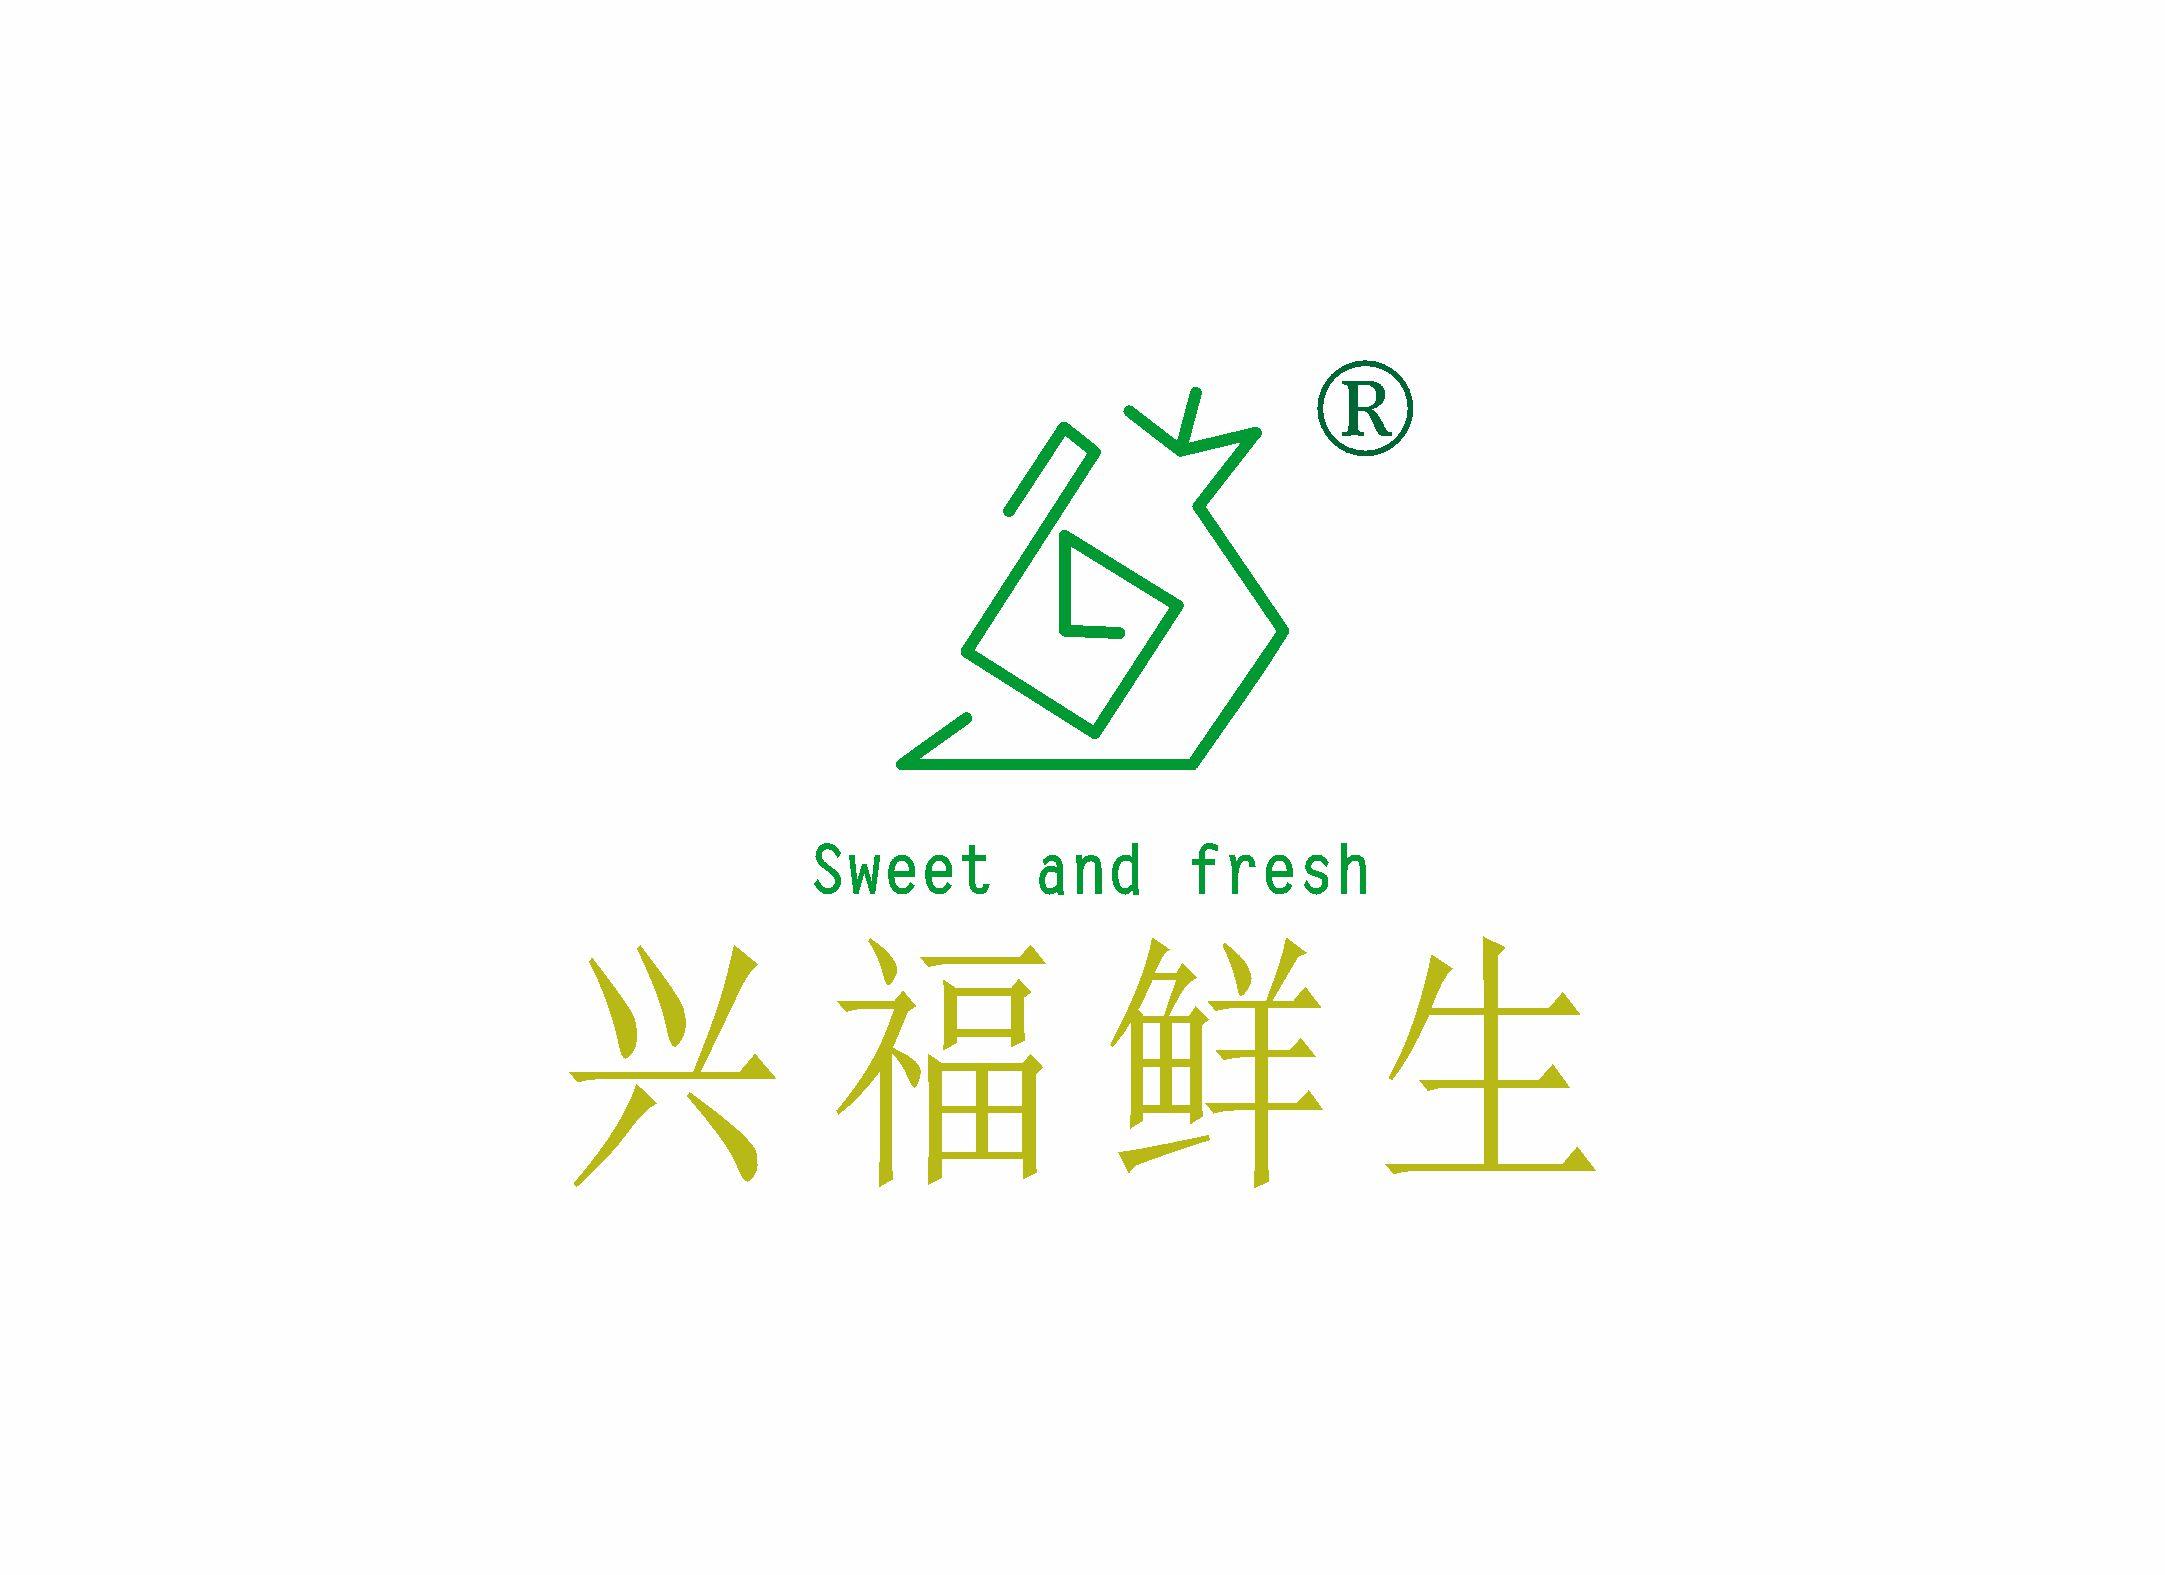 兴福鲜生 SWEET AND FRESH